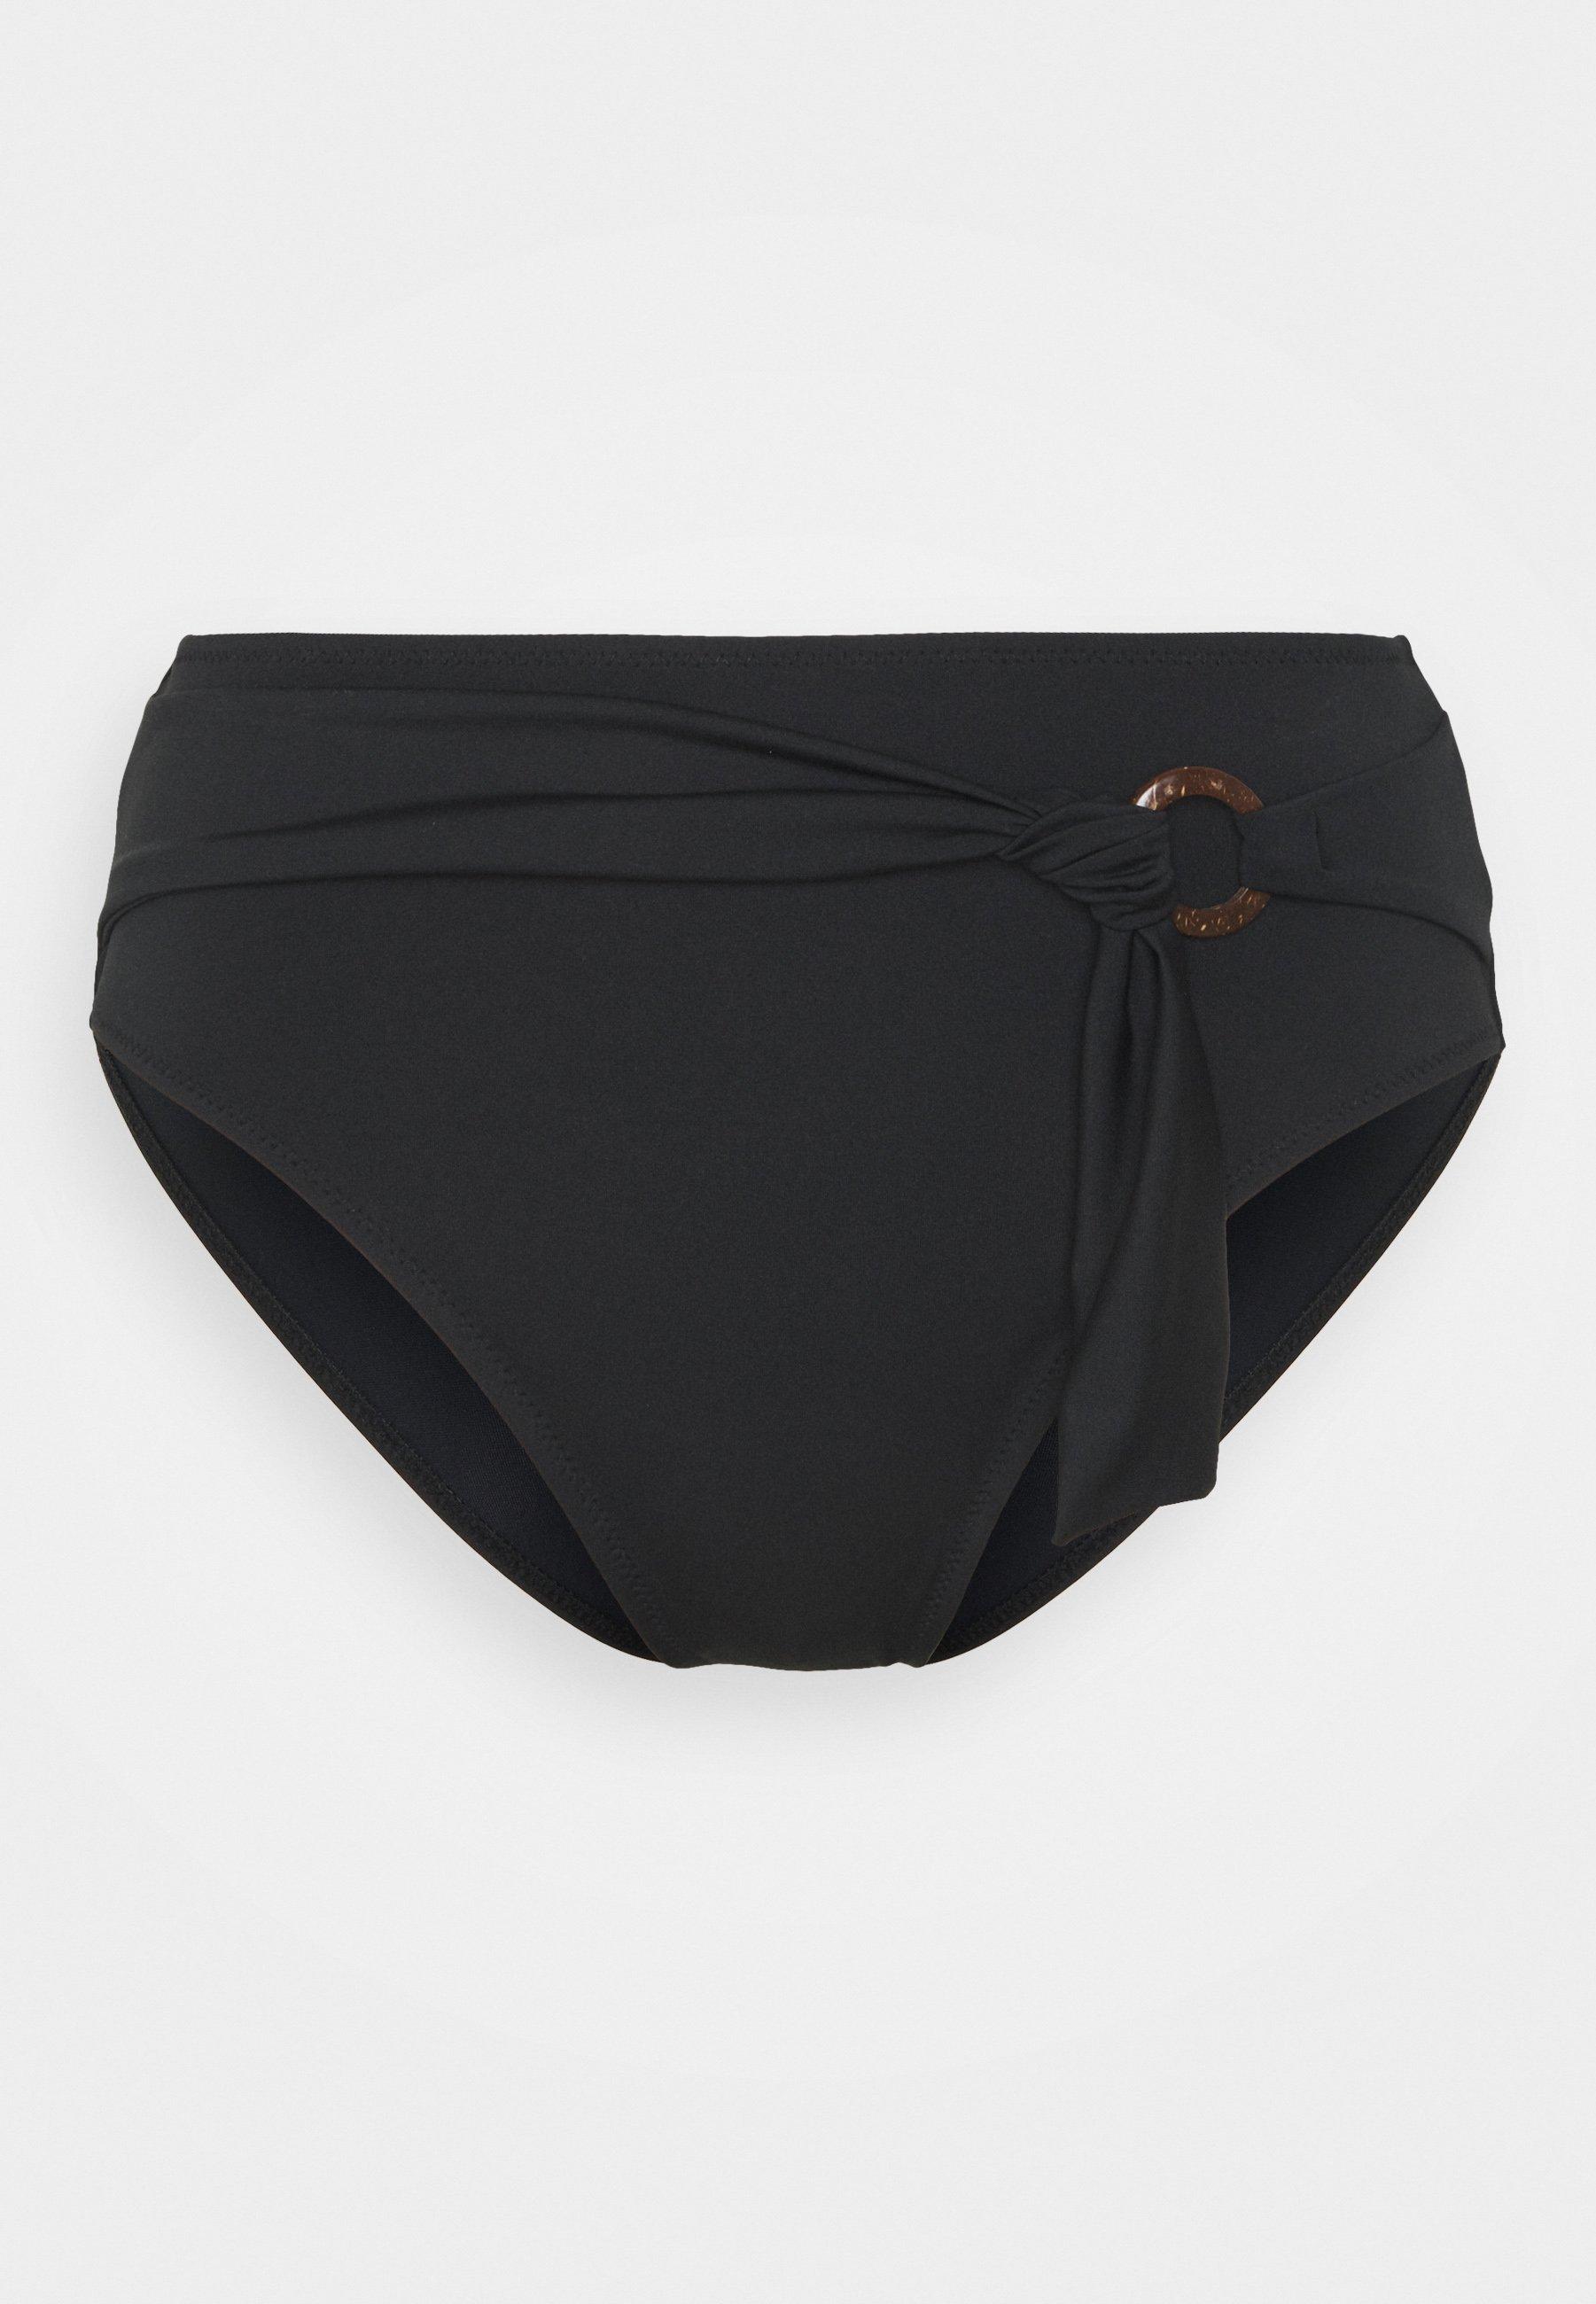 Women COCO WAVE HIGH WAIST BRIEF - Bikini bottoms